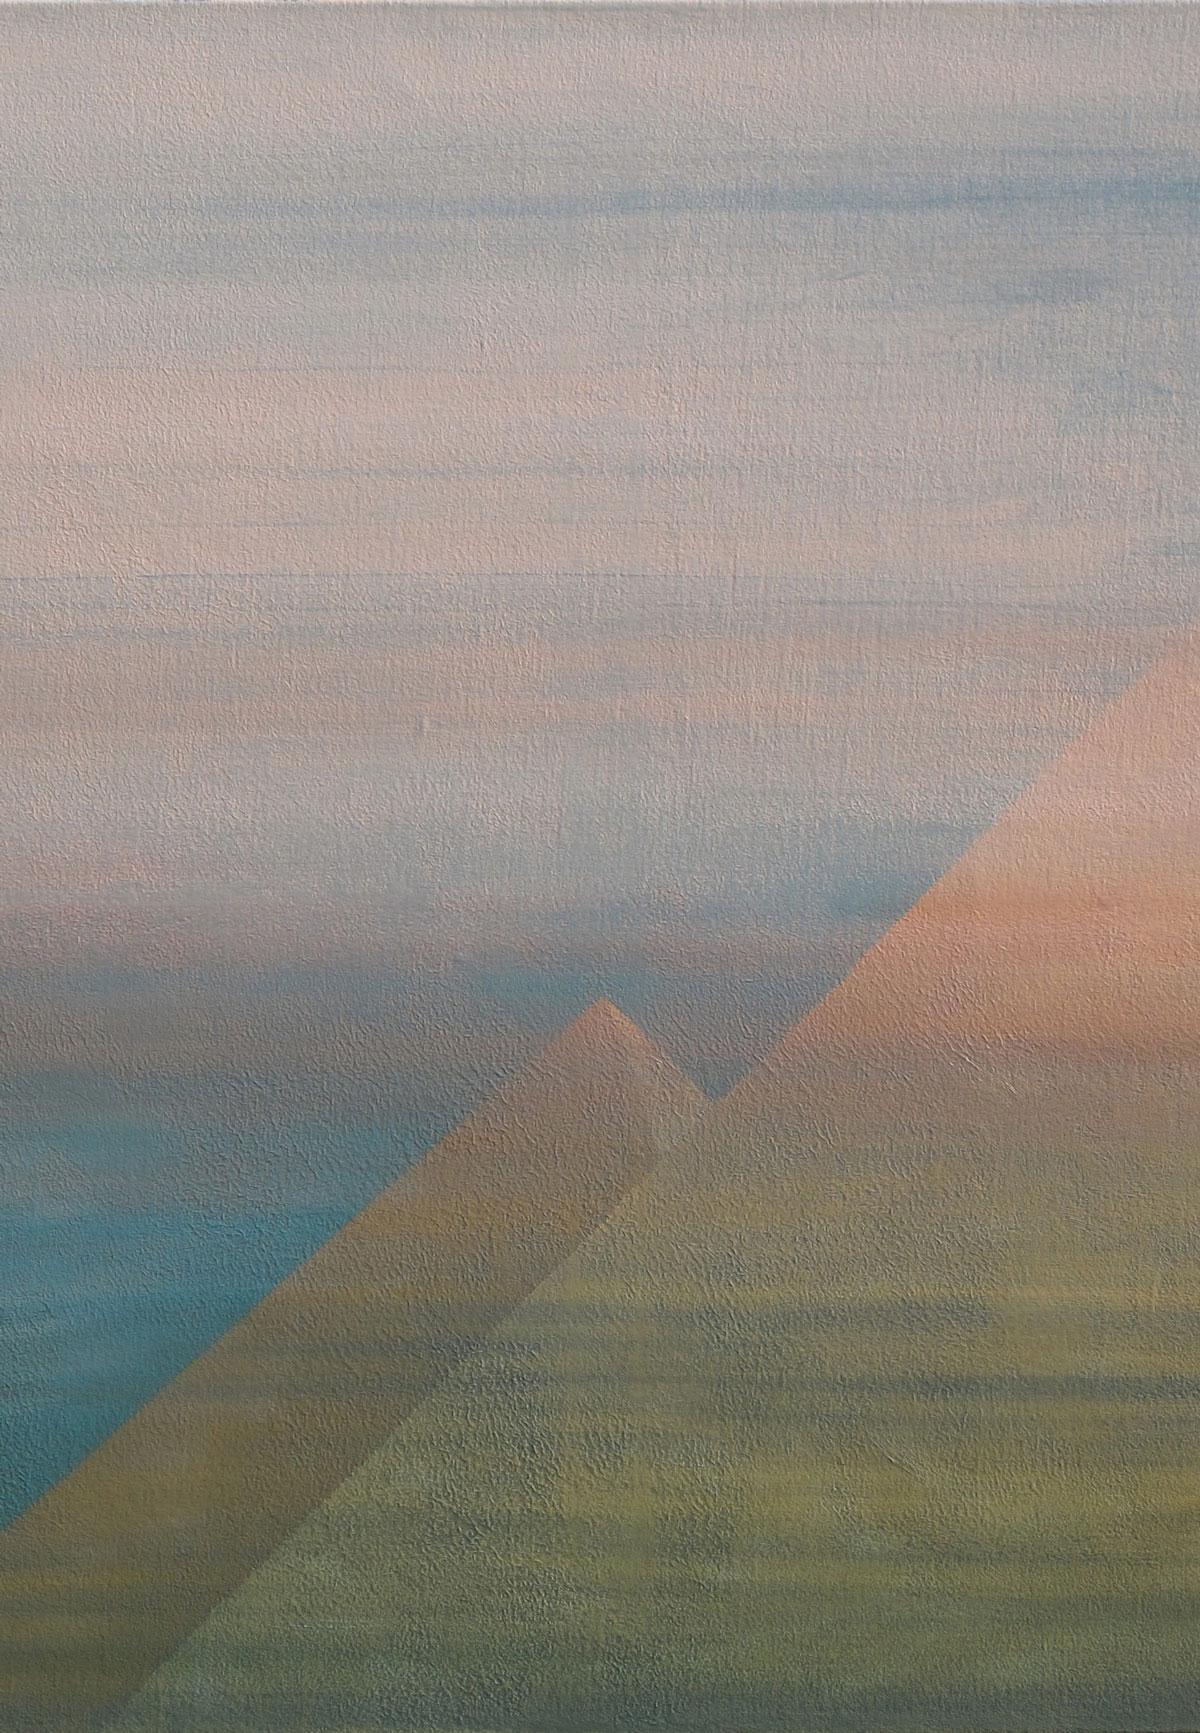 Heinz W. Hammers: Giza 47